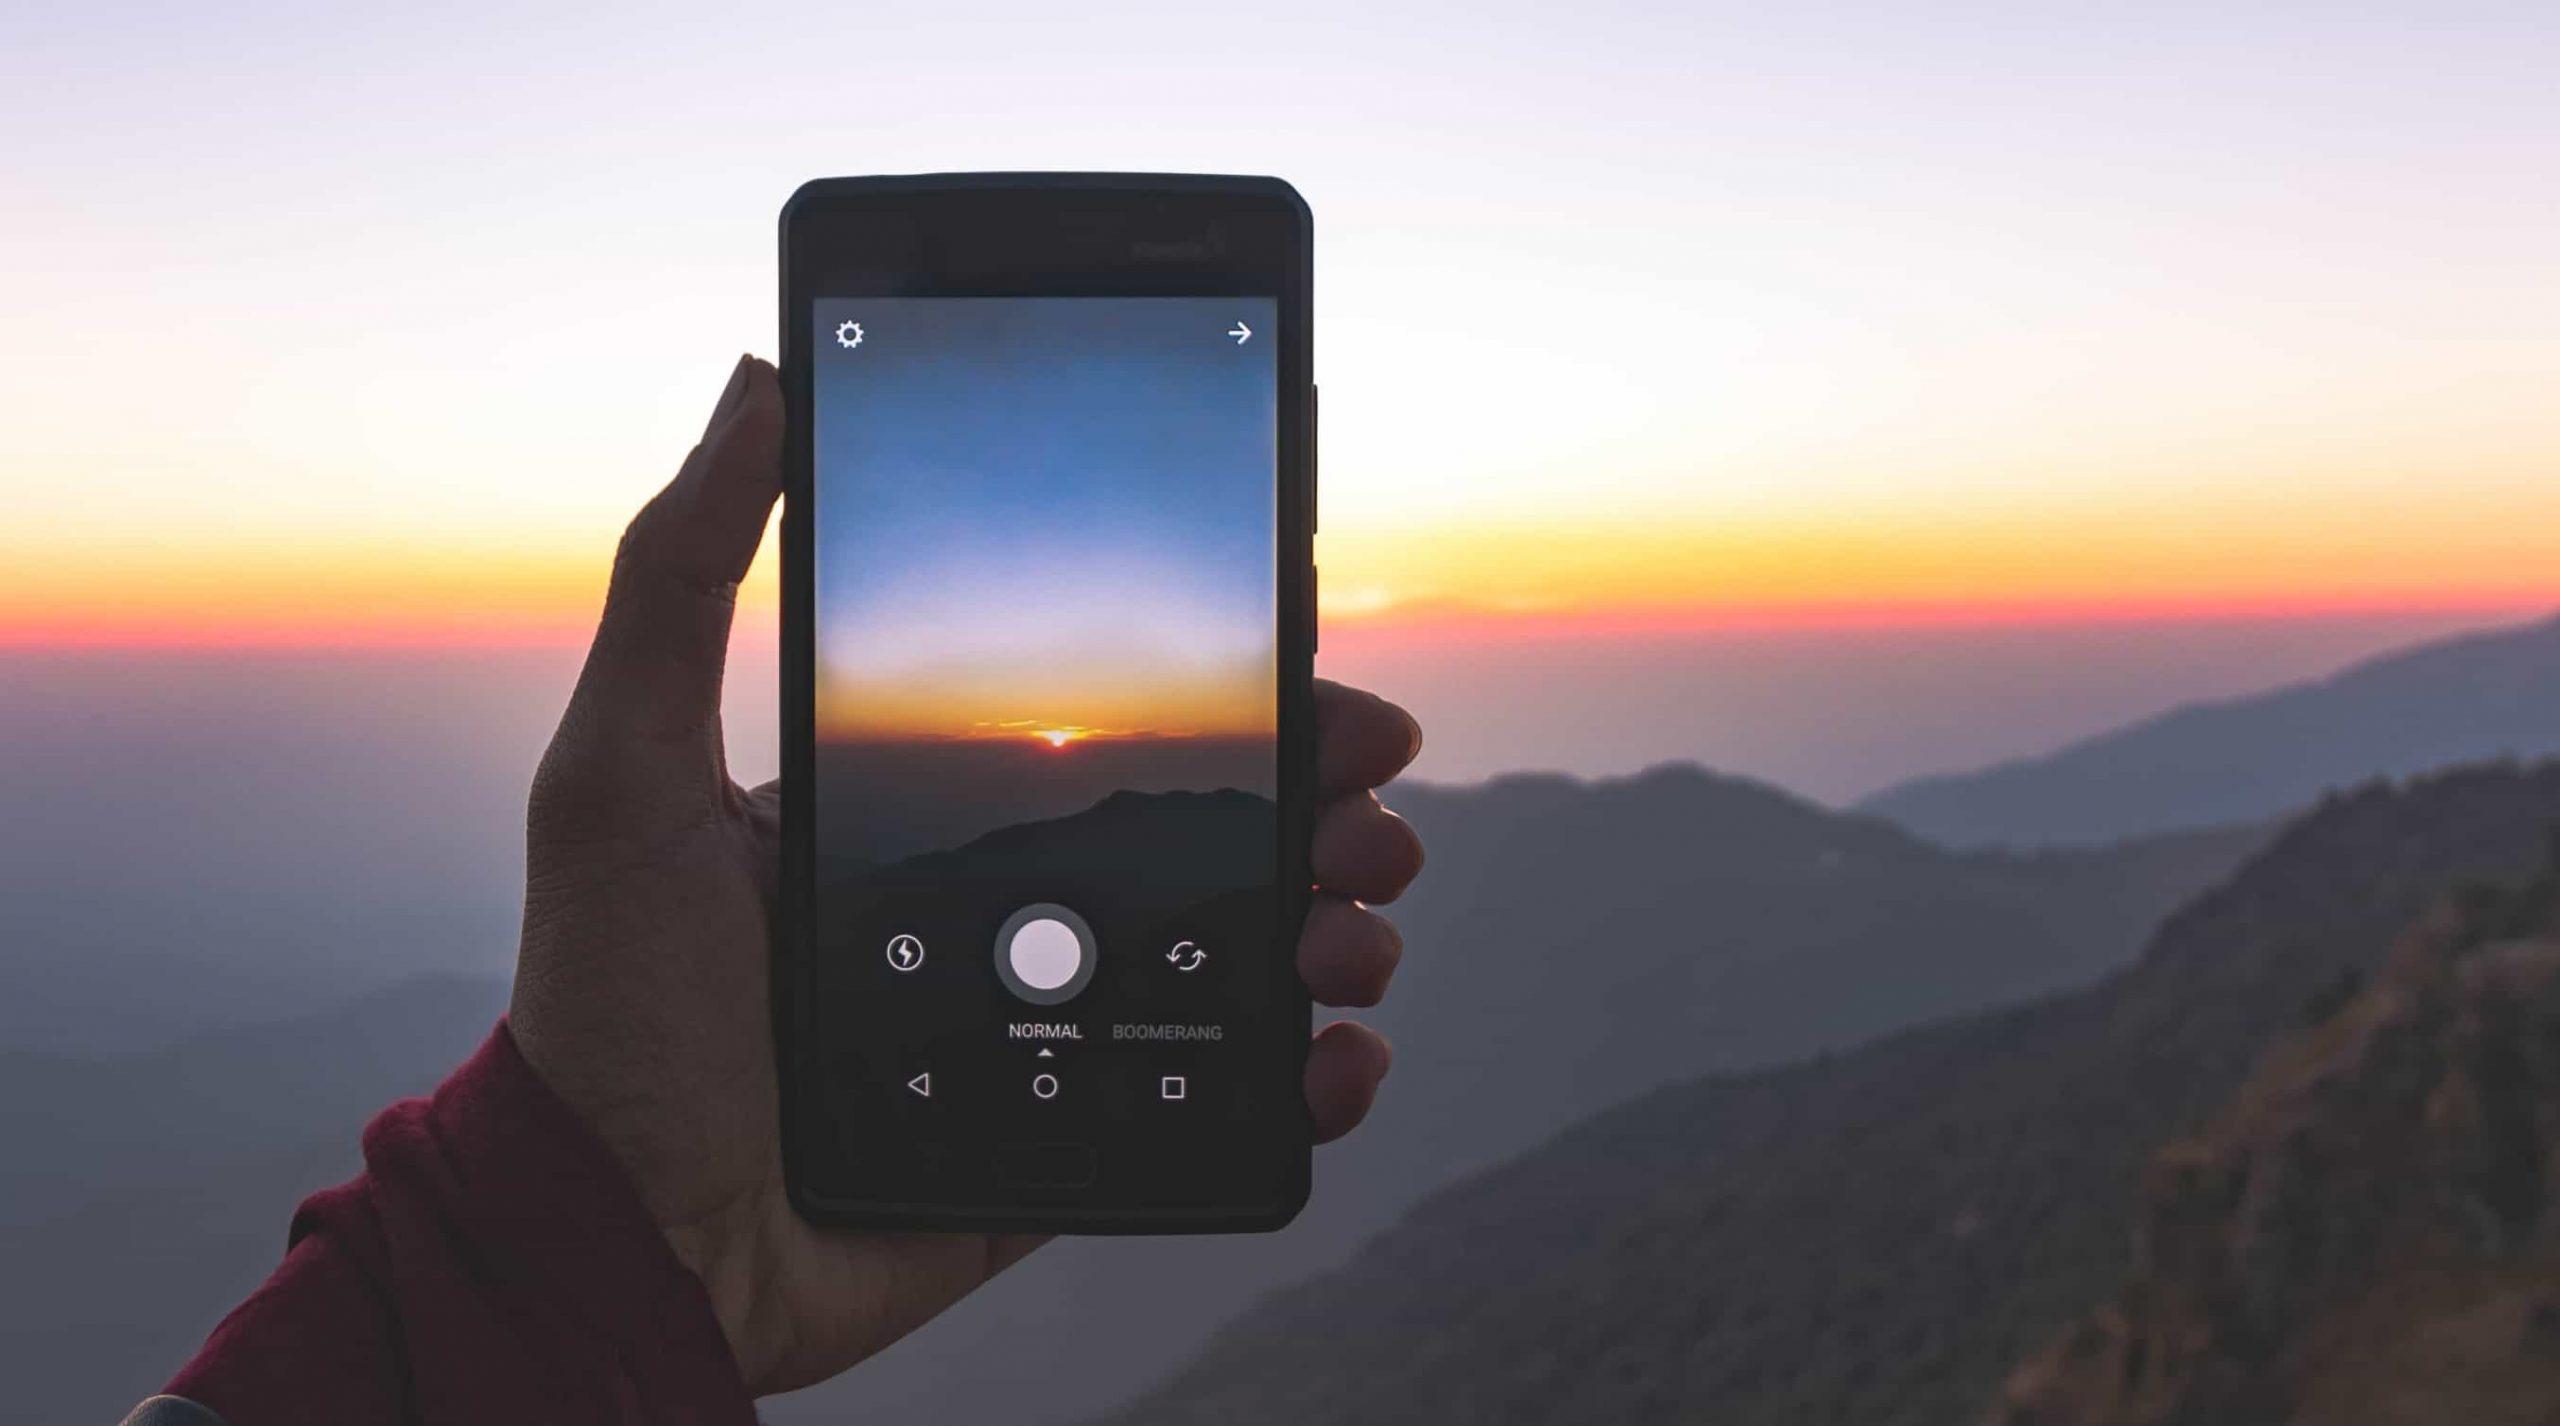 Migliori telefoni con miglior fotocamera 2020: Guida all'acquisto